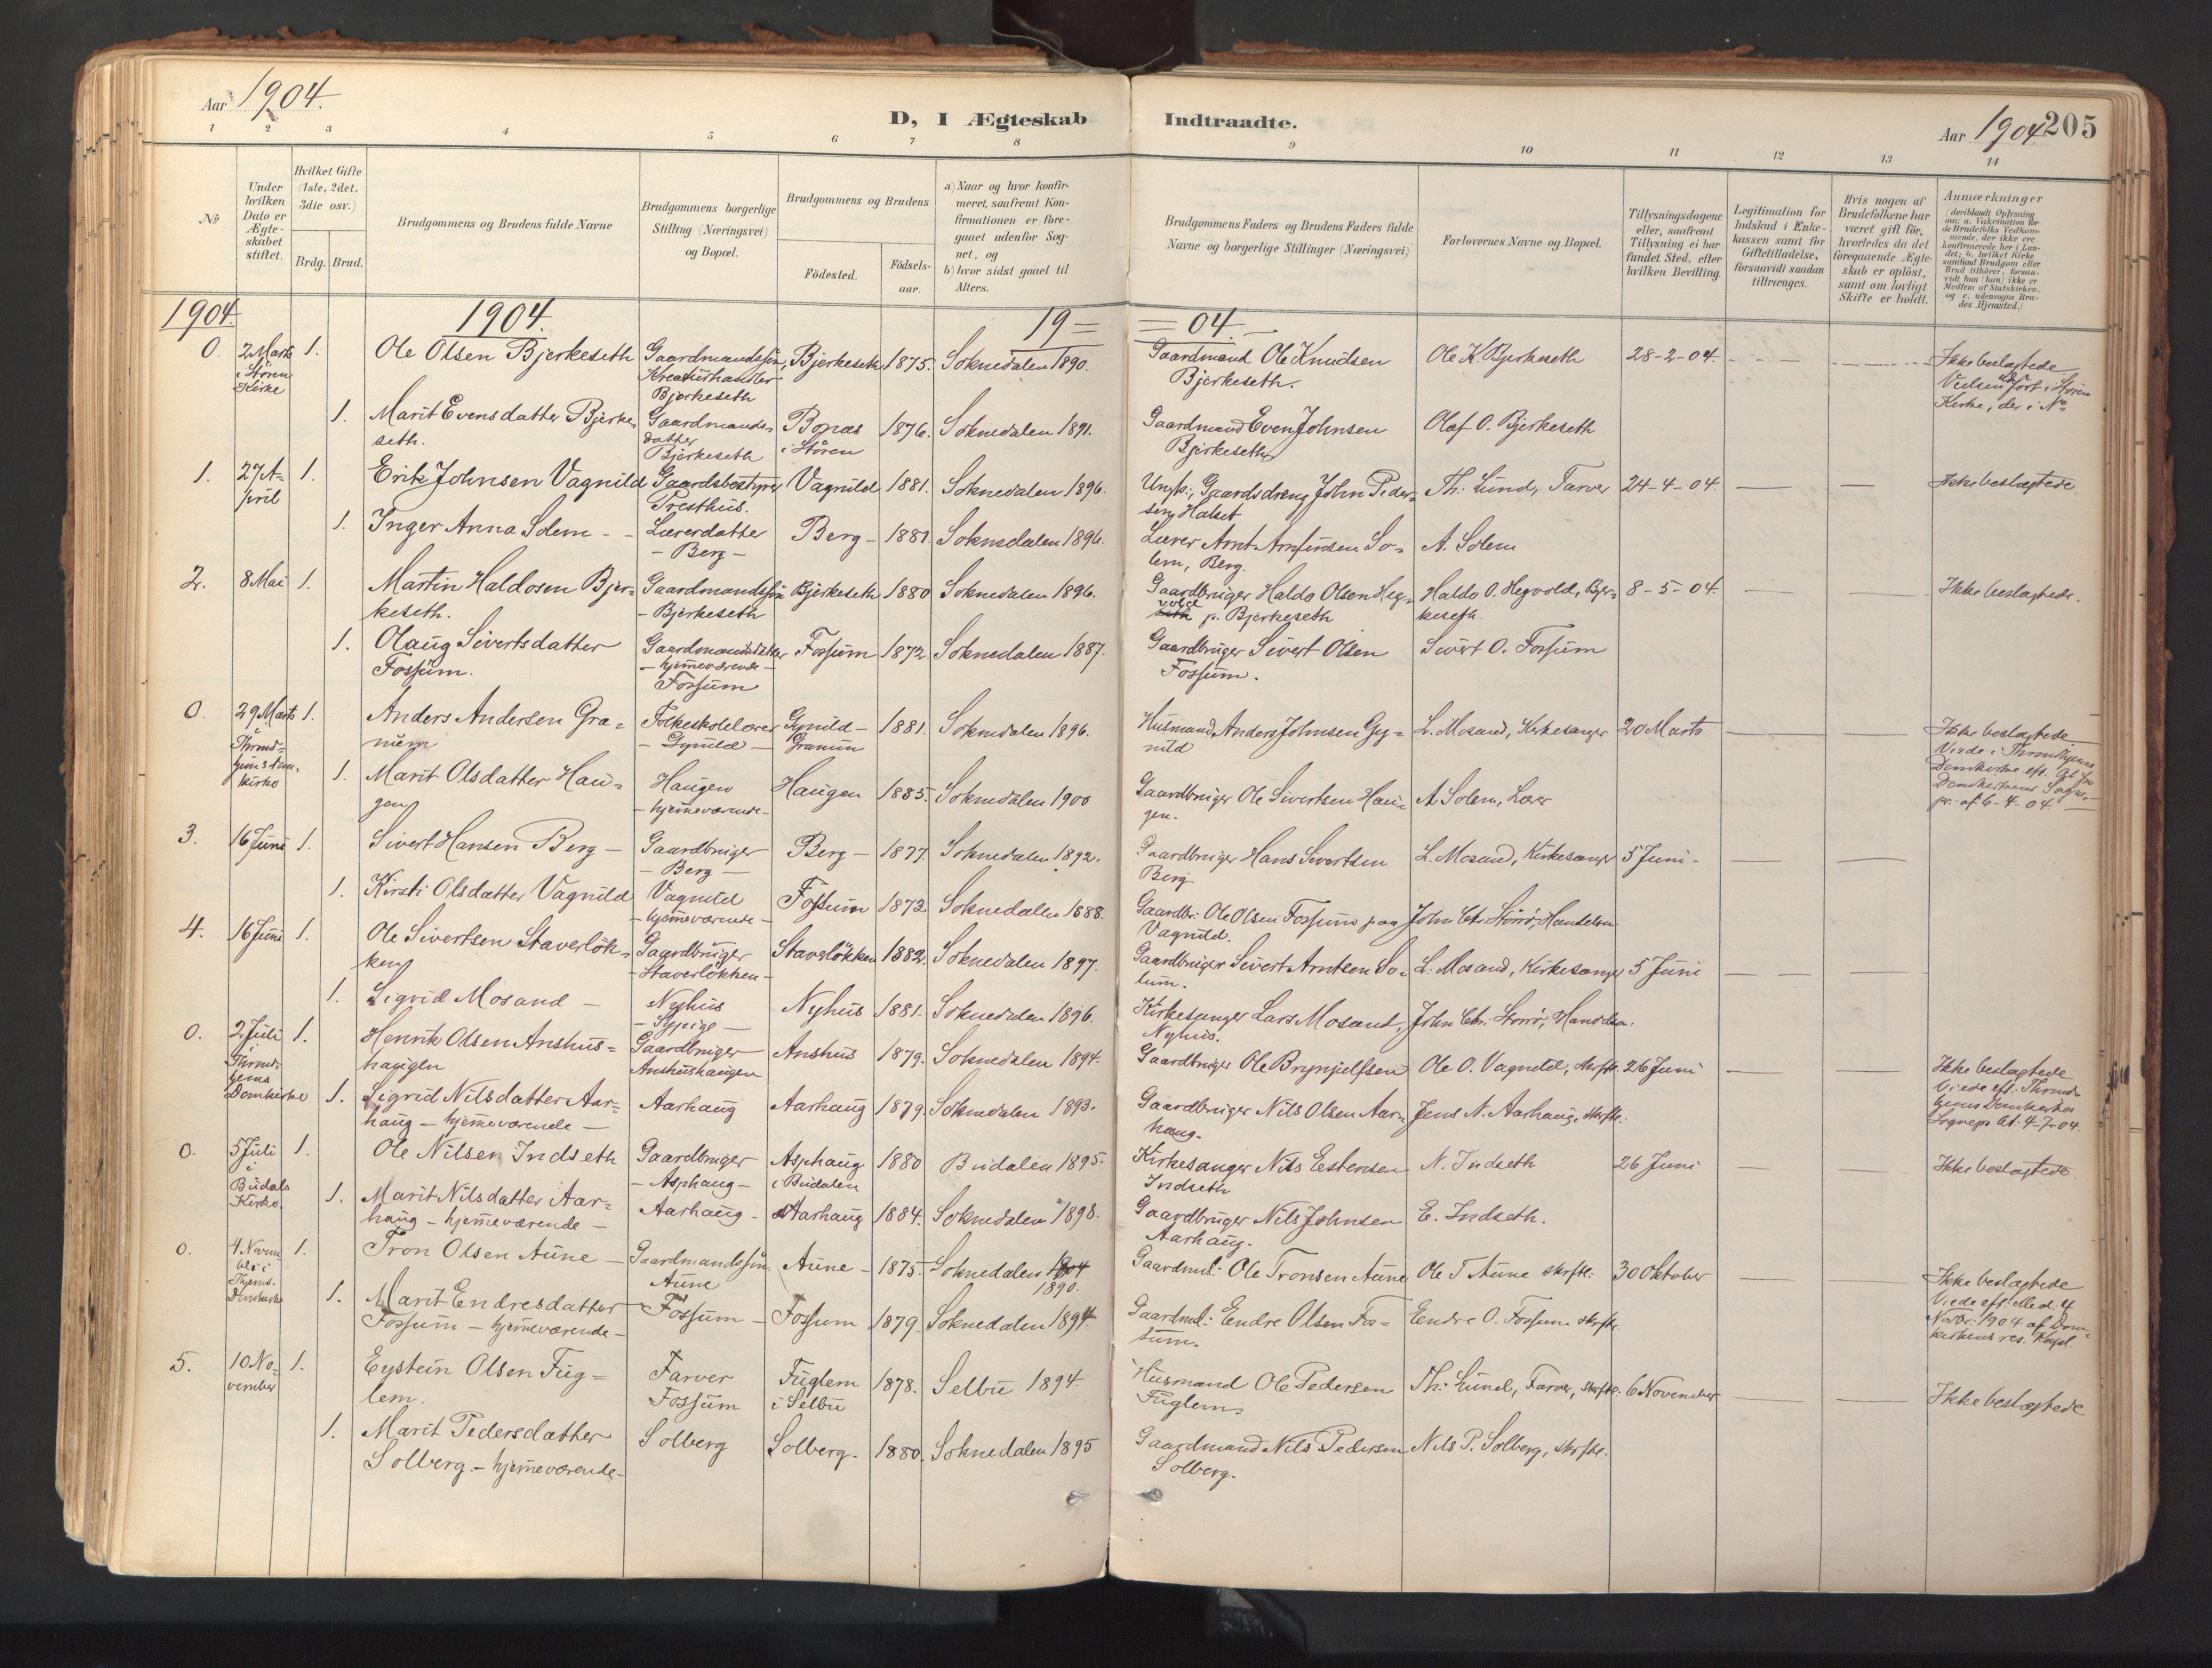 SAT, Ministerialprotokoller, klokkerbøker og fødselsregistre - Sør-Trøndelag, 689/L1041: Ministerialbok nr. 689A06, 1891-1923, s. 205